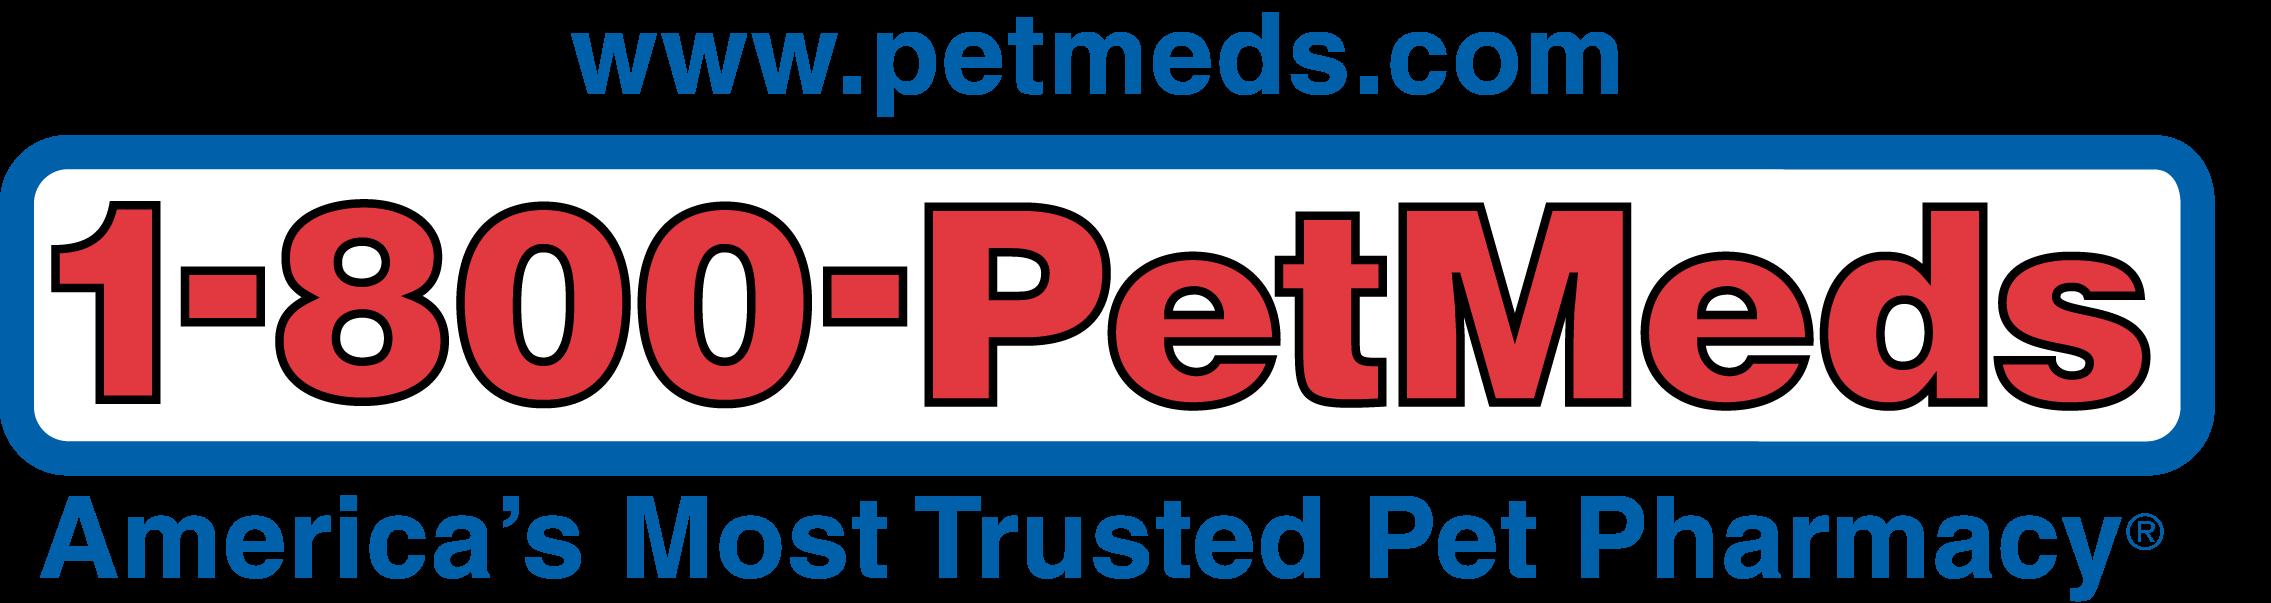 1 800 PetMeds logo